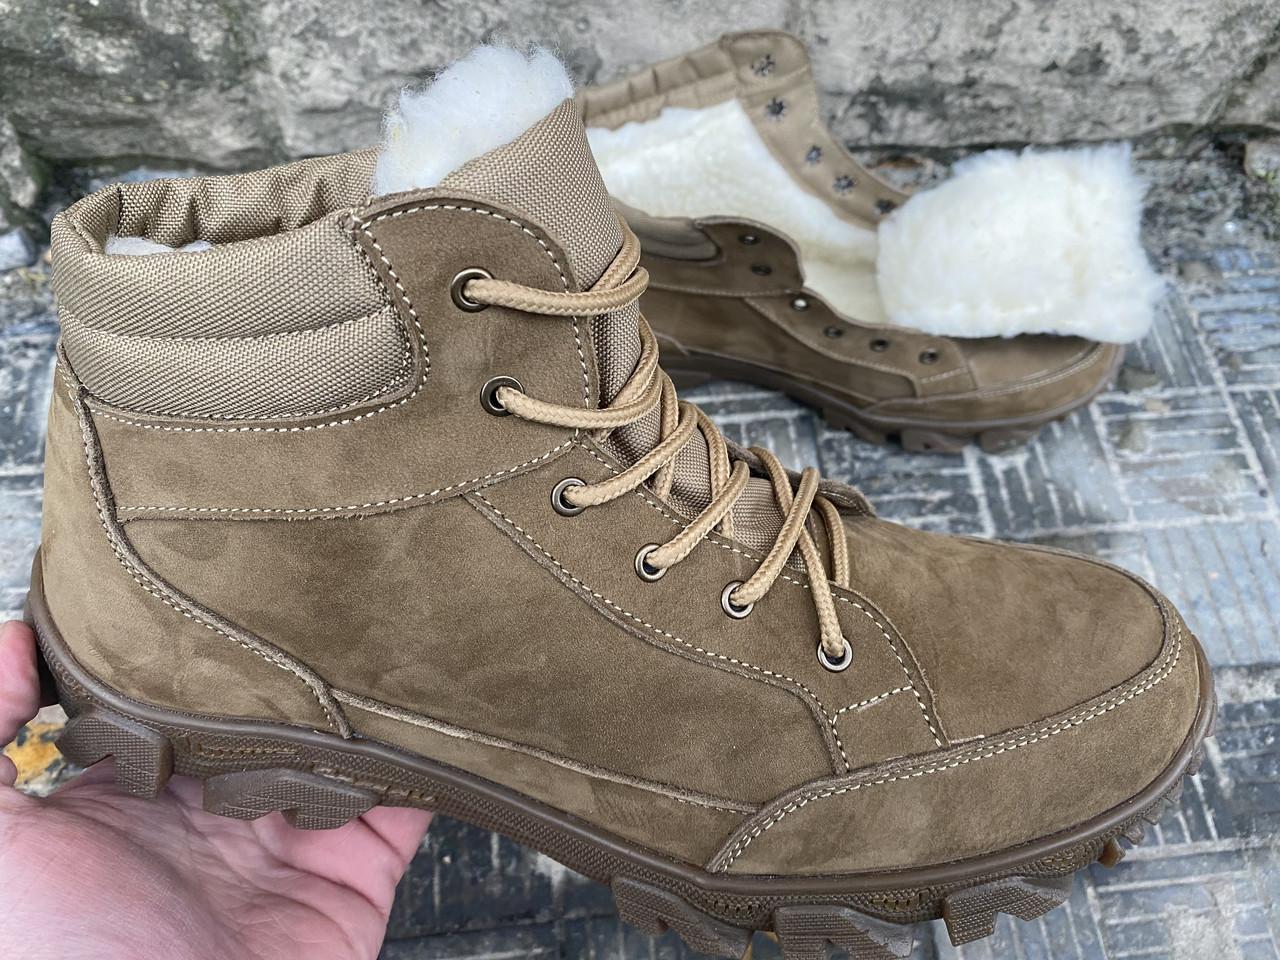 Ботинки берцы Зимние из натуральной кожи и меха ботинок бежевый энерджи